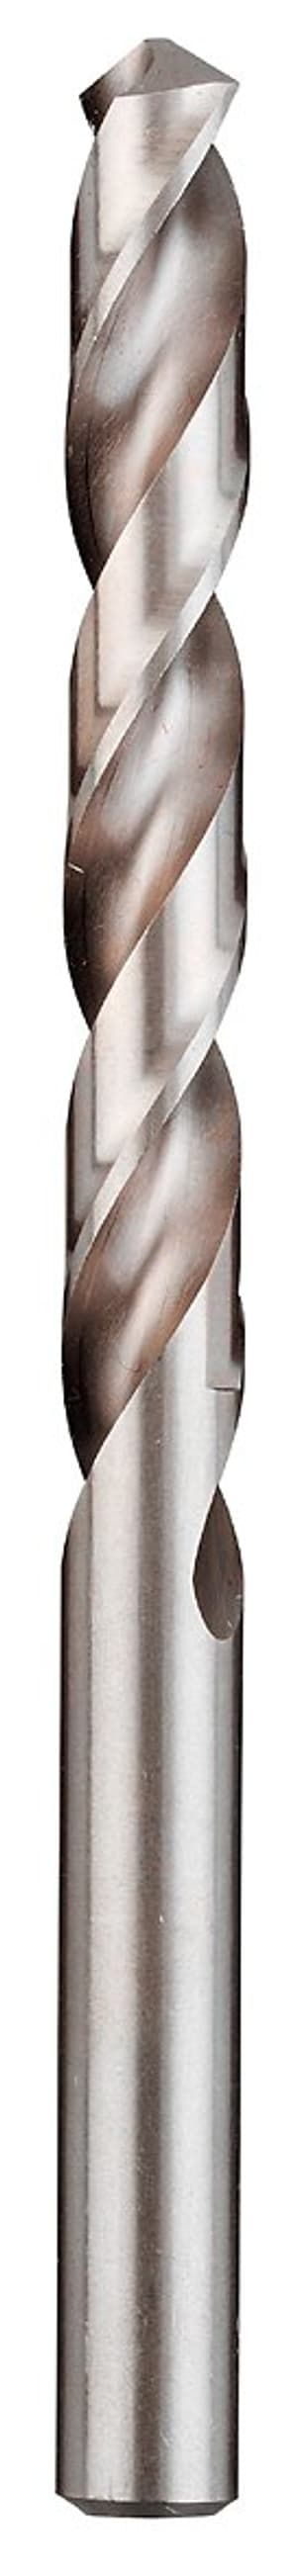 Silver HSS Spiralbohrer, ø 5.0 mm